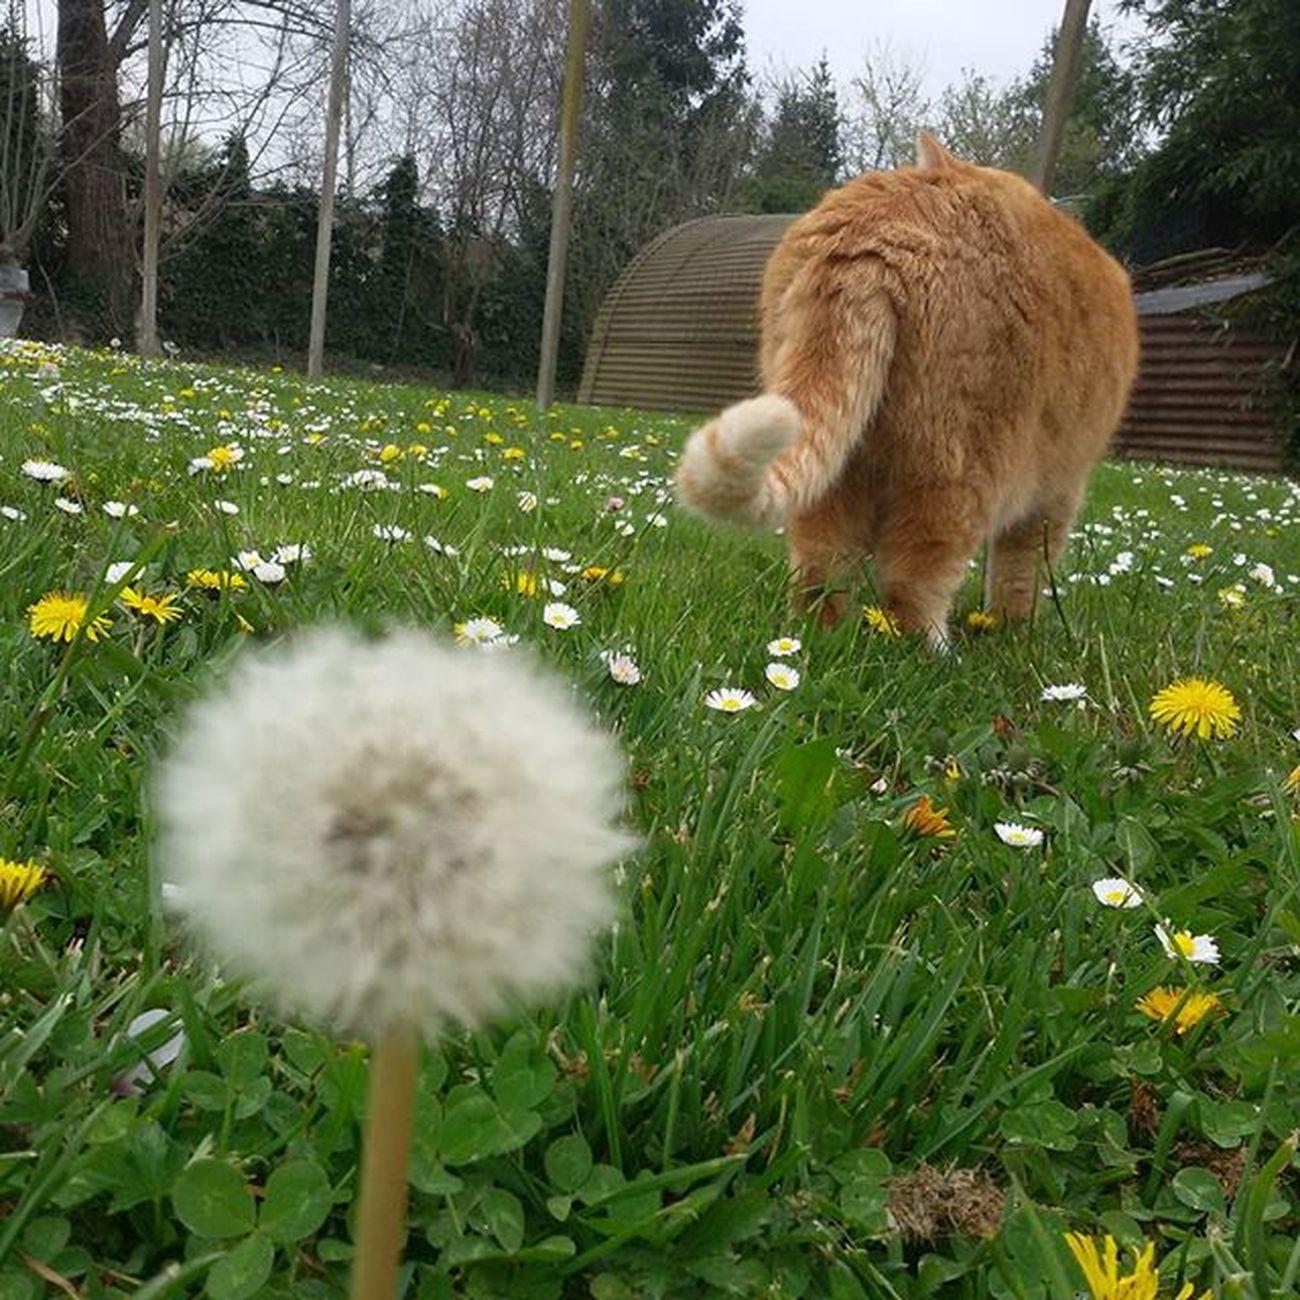 Romeo Latob Soffione Fiori Giardino Cat Maio Meow Gatto Gattone Coda Primavera2016 Spring2016